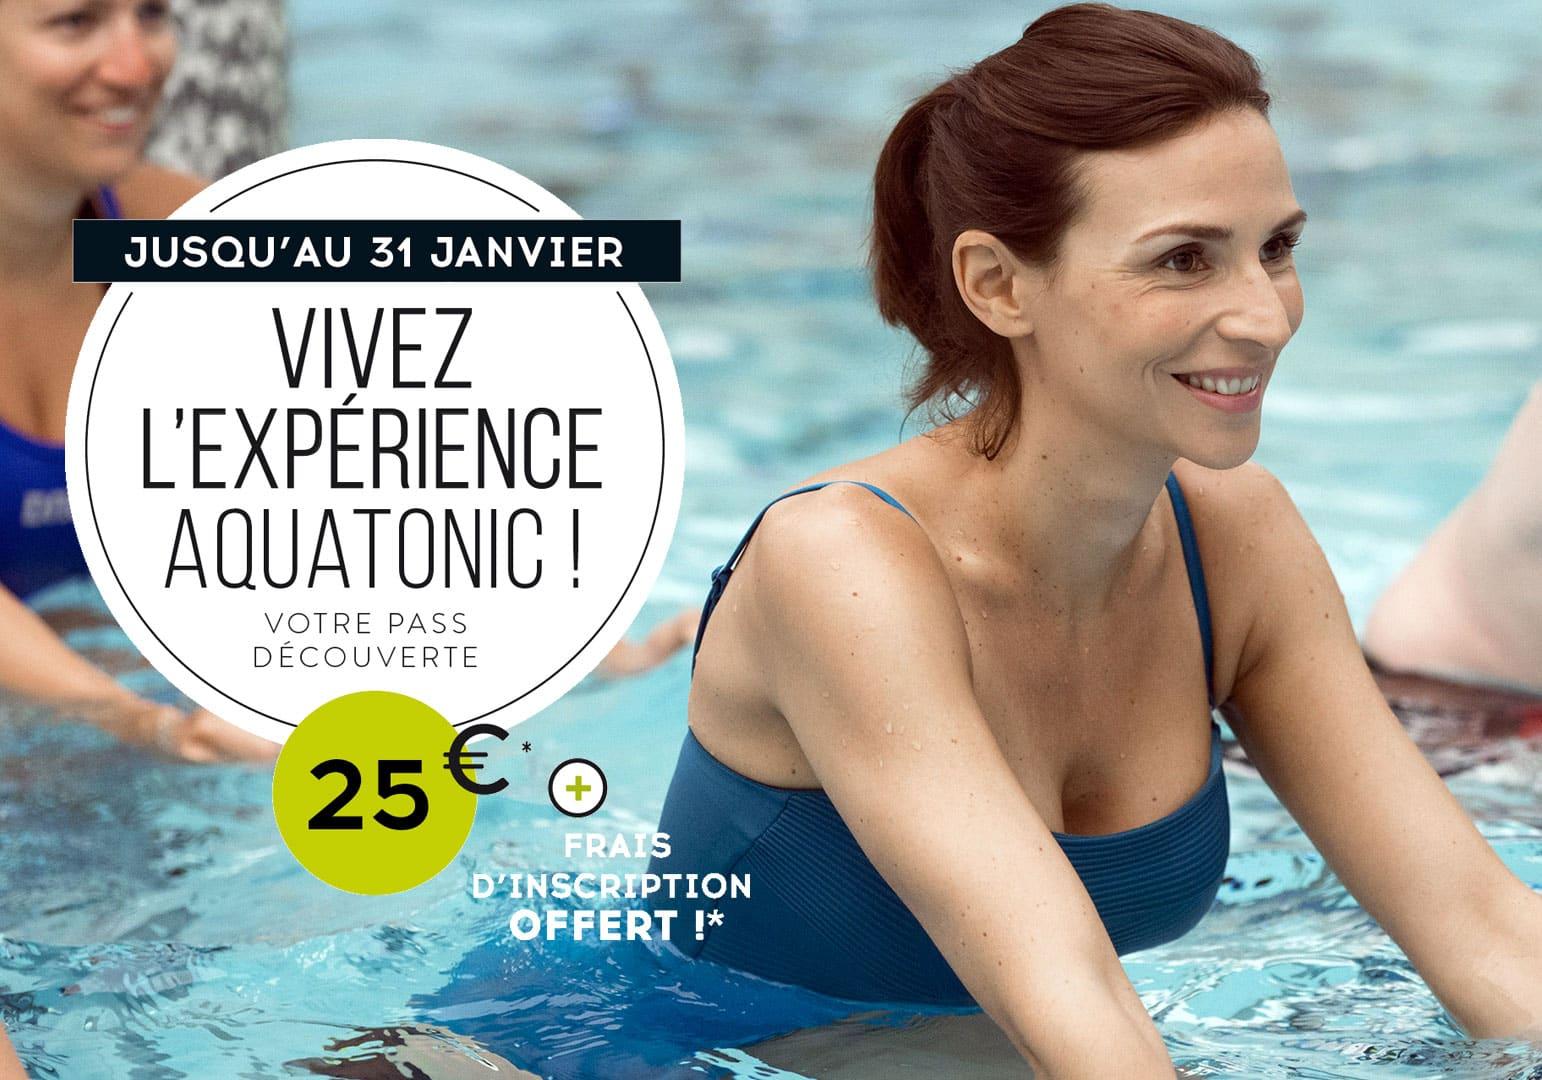 Vivez l'expérience Aquatonic ! Semaine Experience